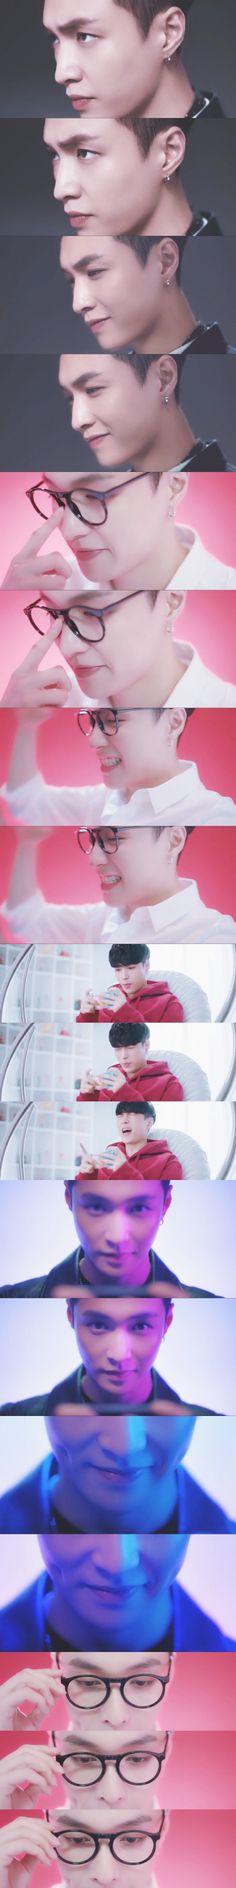 Zhang Yixing you are soooo precious ❤️❤️❤️ Yixing Exo, Baekhyun Chanyeol, Exo Kai, Kaisoo, Chanbaek, Saranghae, Xiuchen, Kpop Exo, Bts And Exo